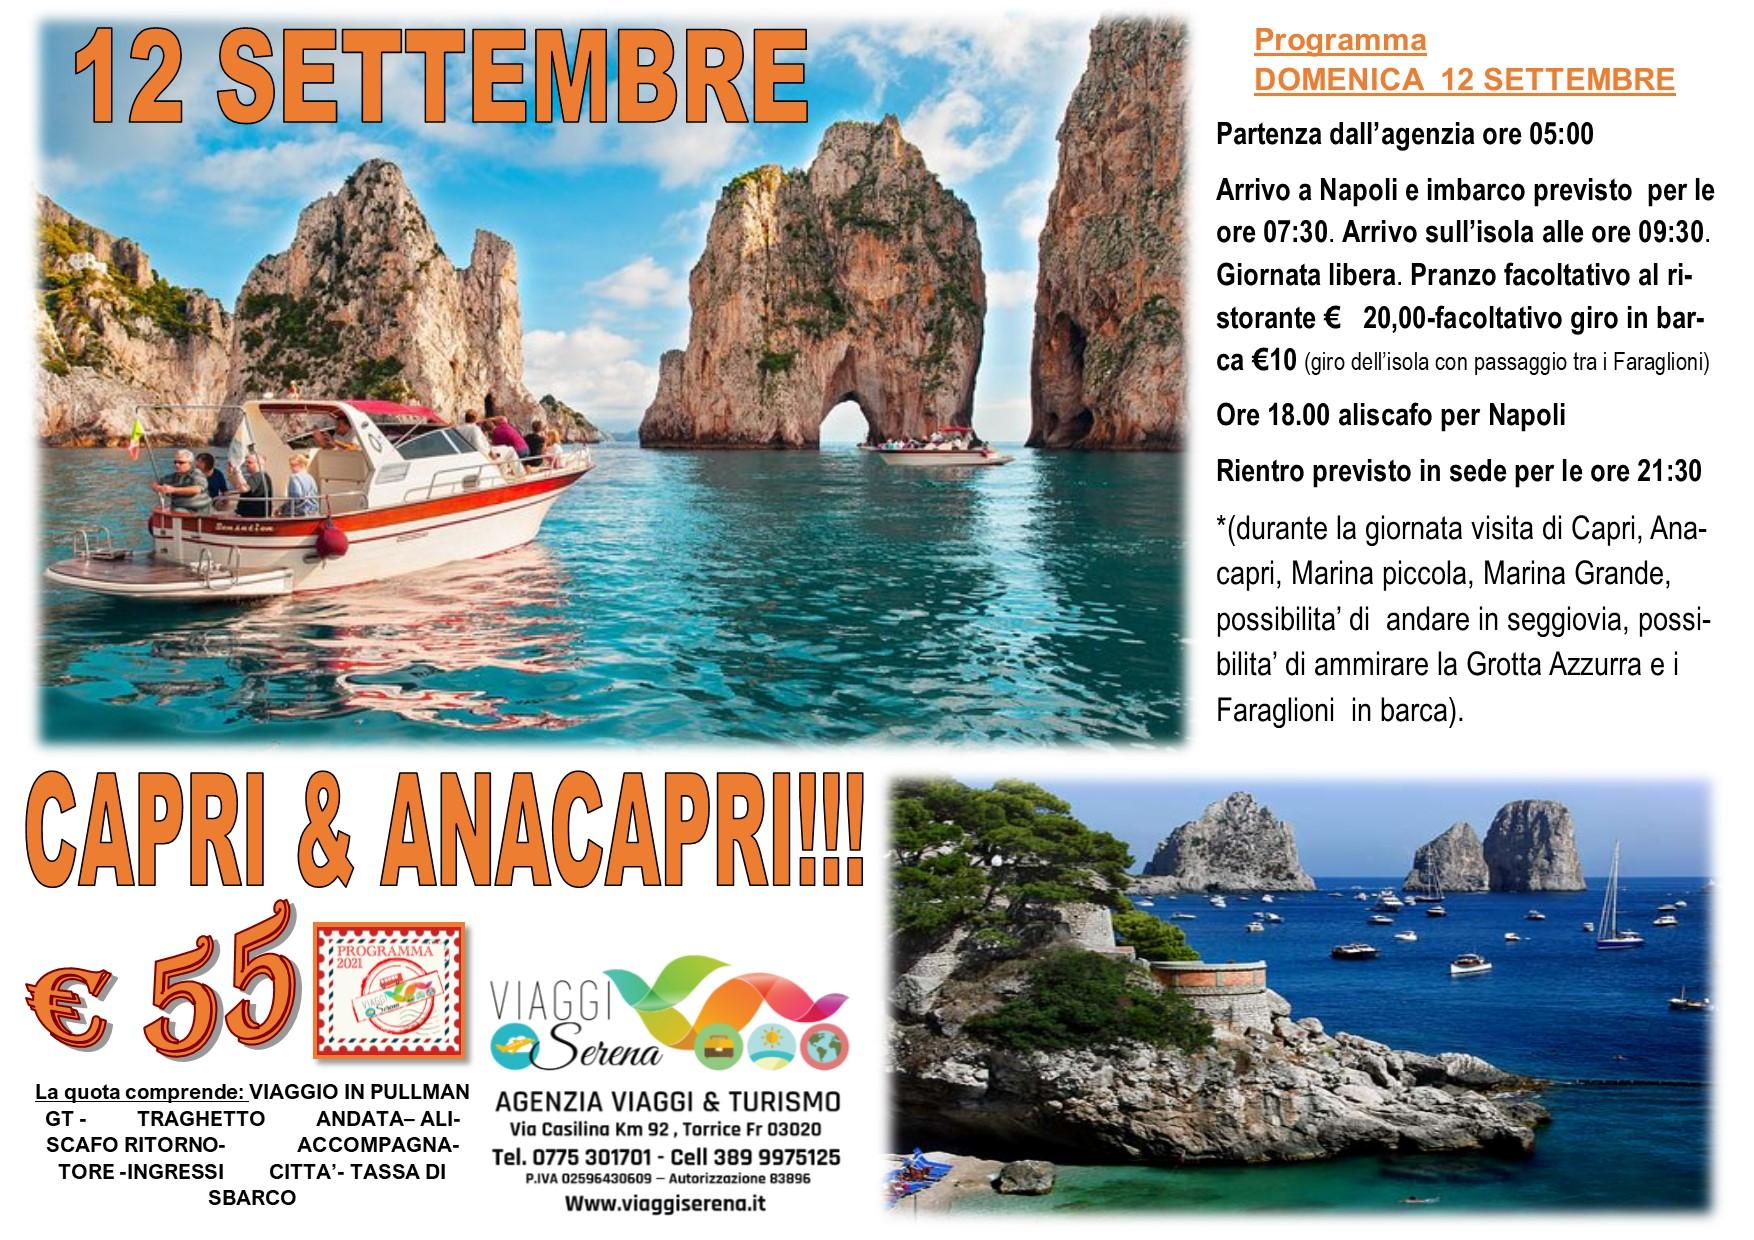 Viaggi di Gruppo: Isola di Capri 12 Settembre € 55,00